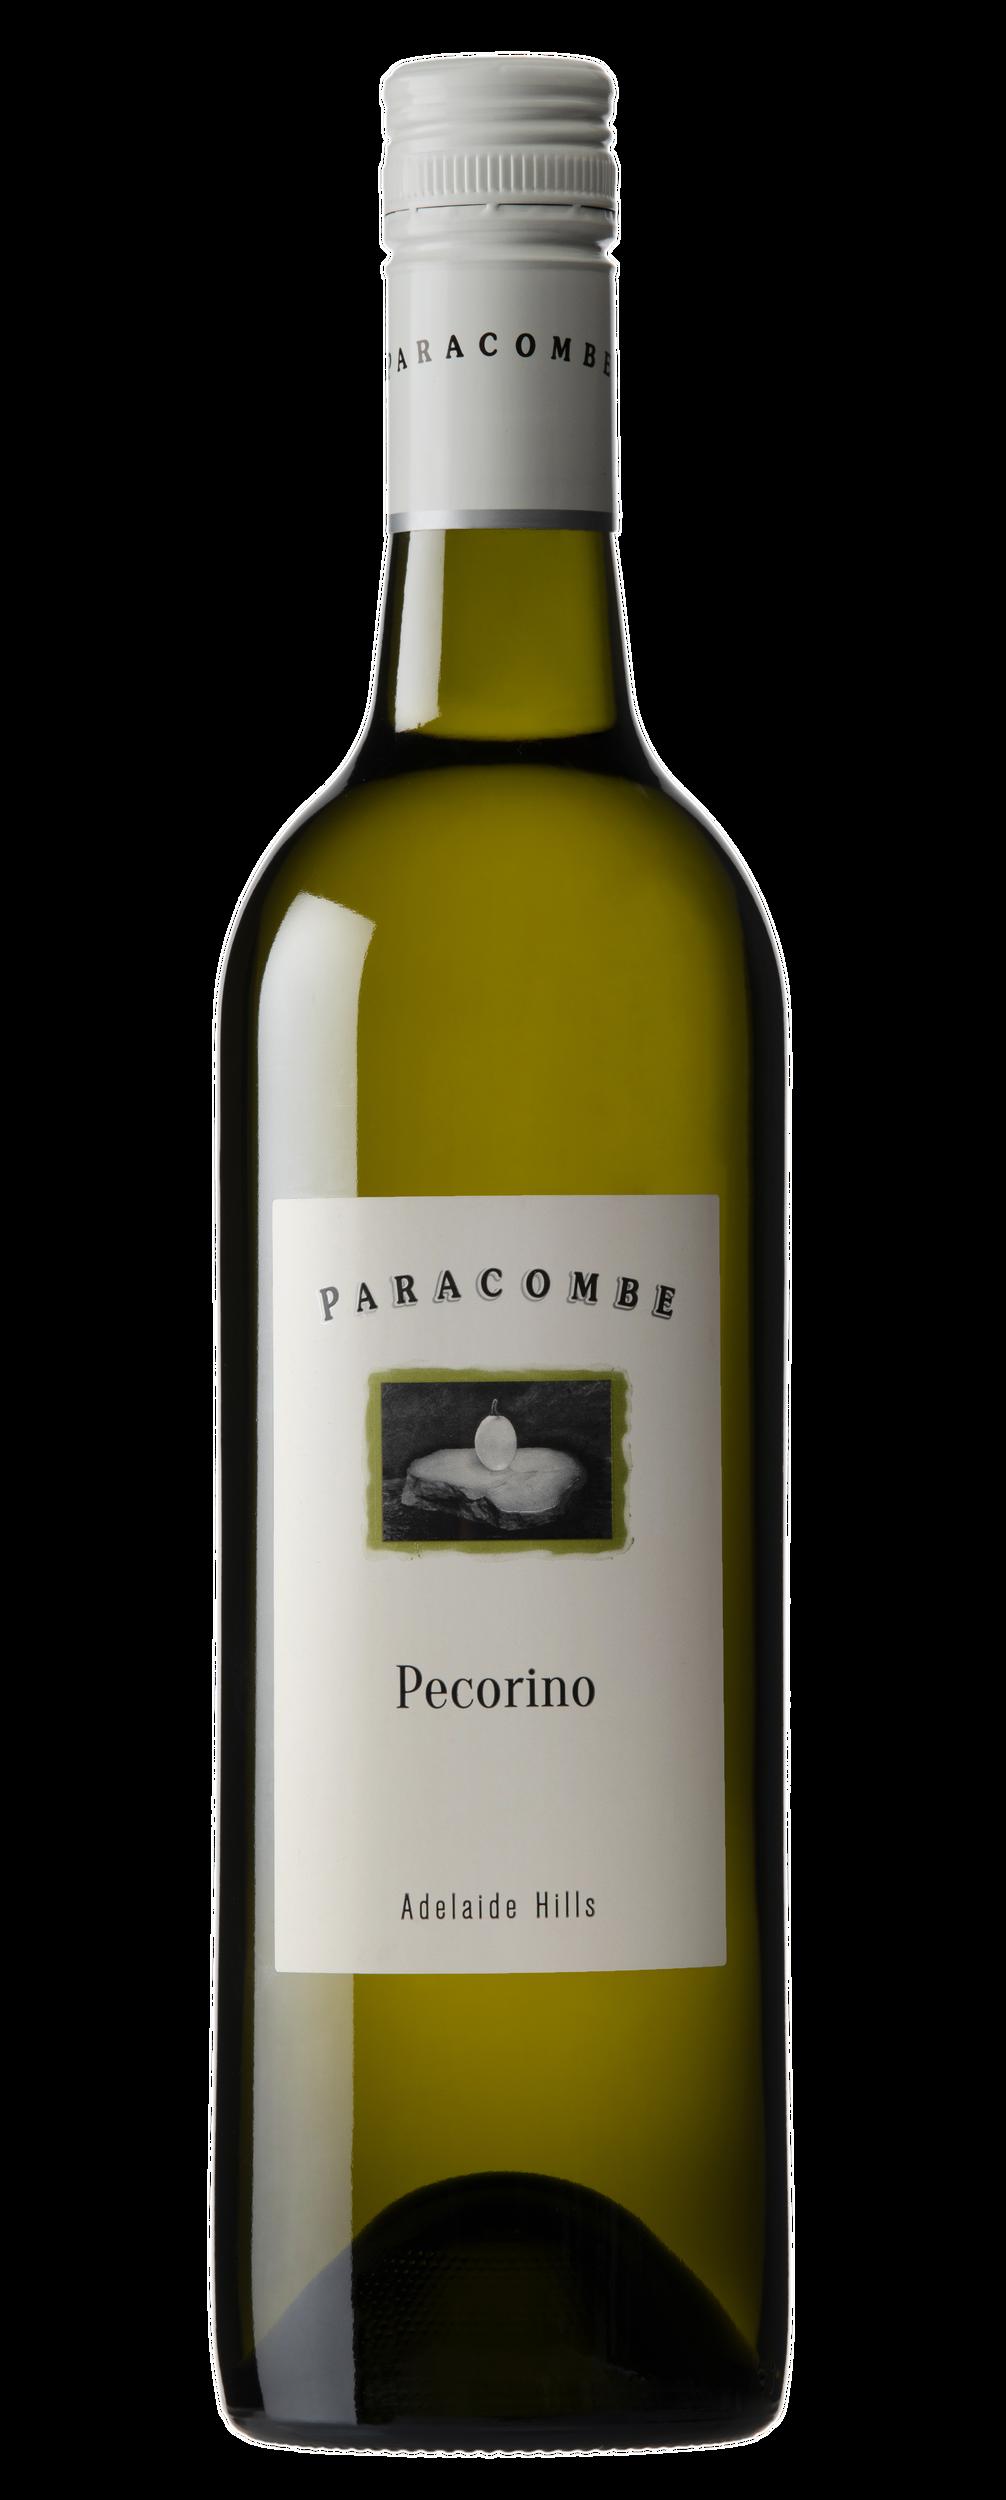 Paracombe Pecorino NV